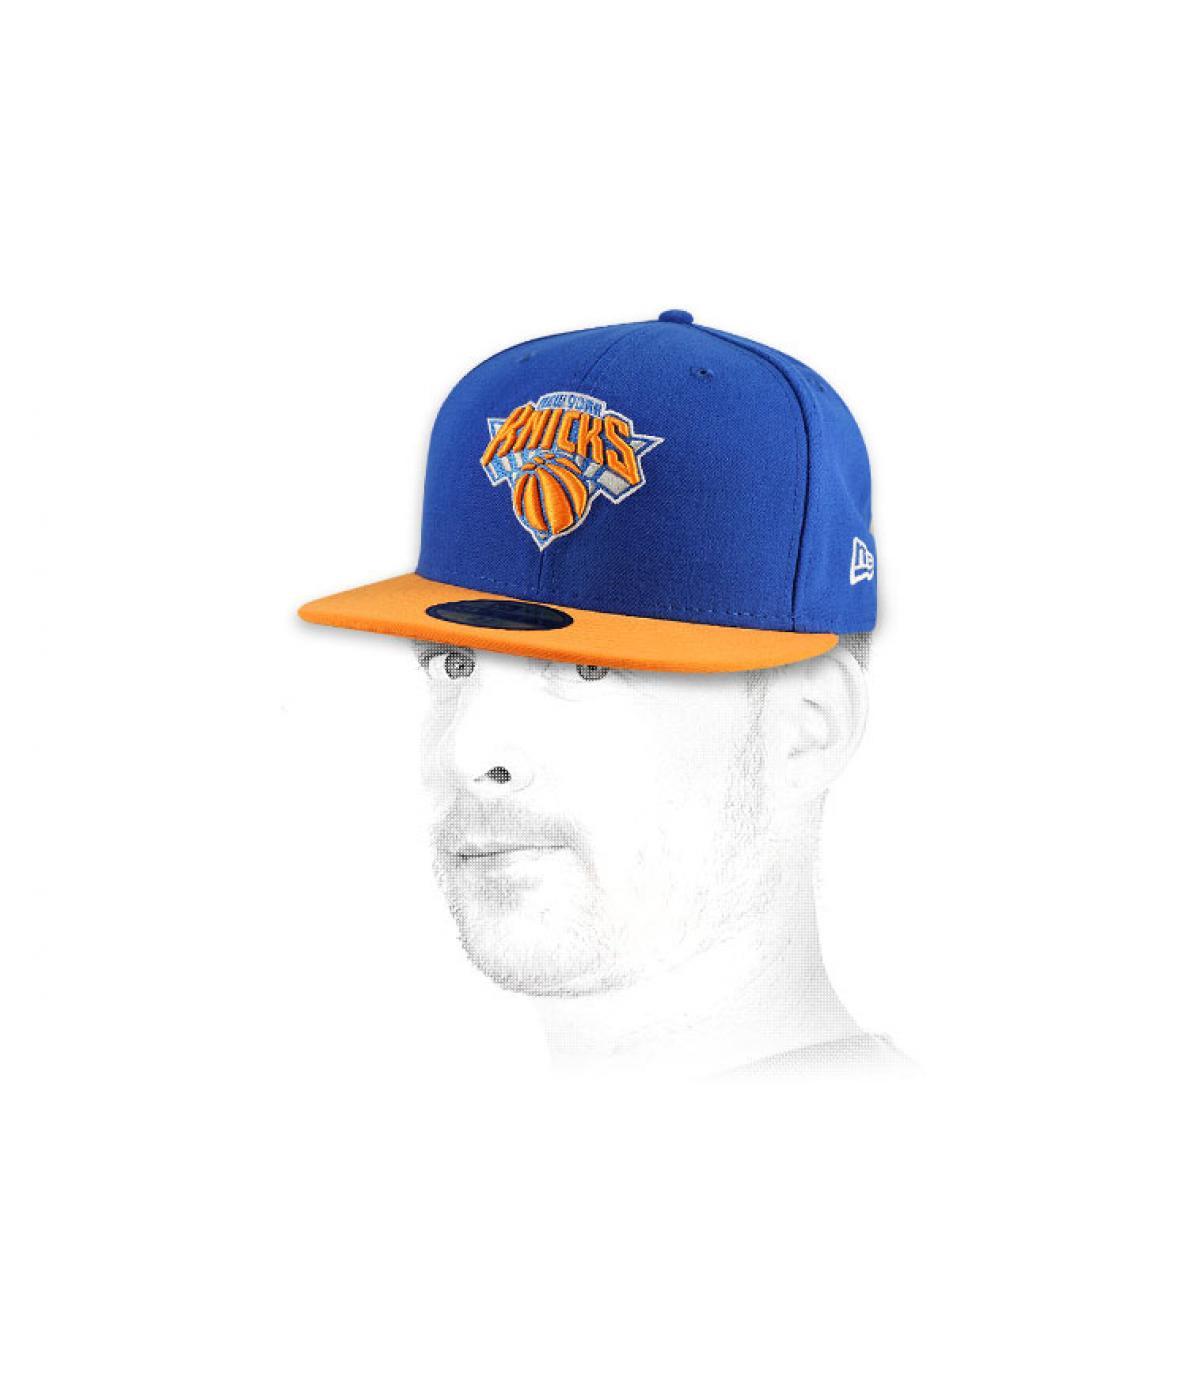 Détails Casquette Knicks 59fifty bleue - image 4